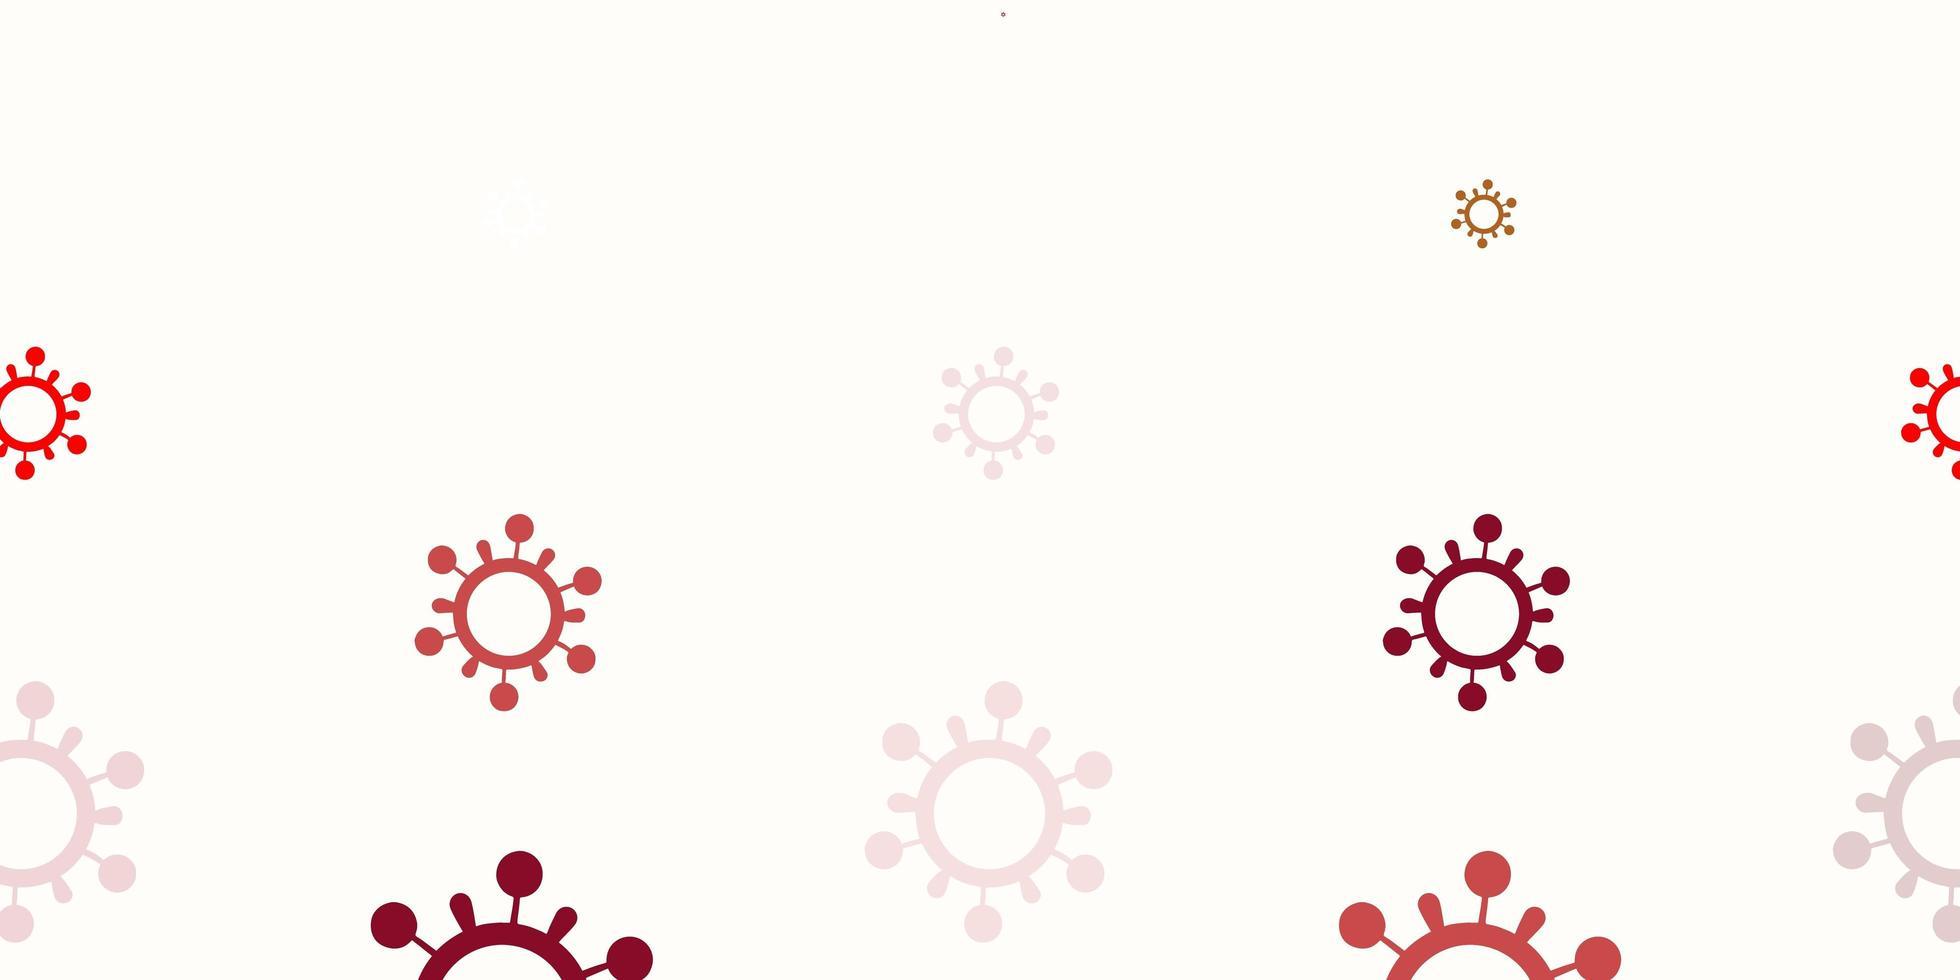 hellrote Vektorschablone mit Grippezeichen vektor